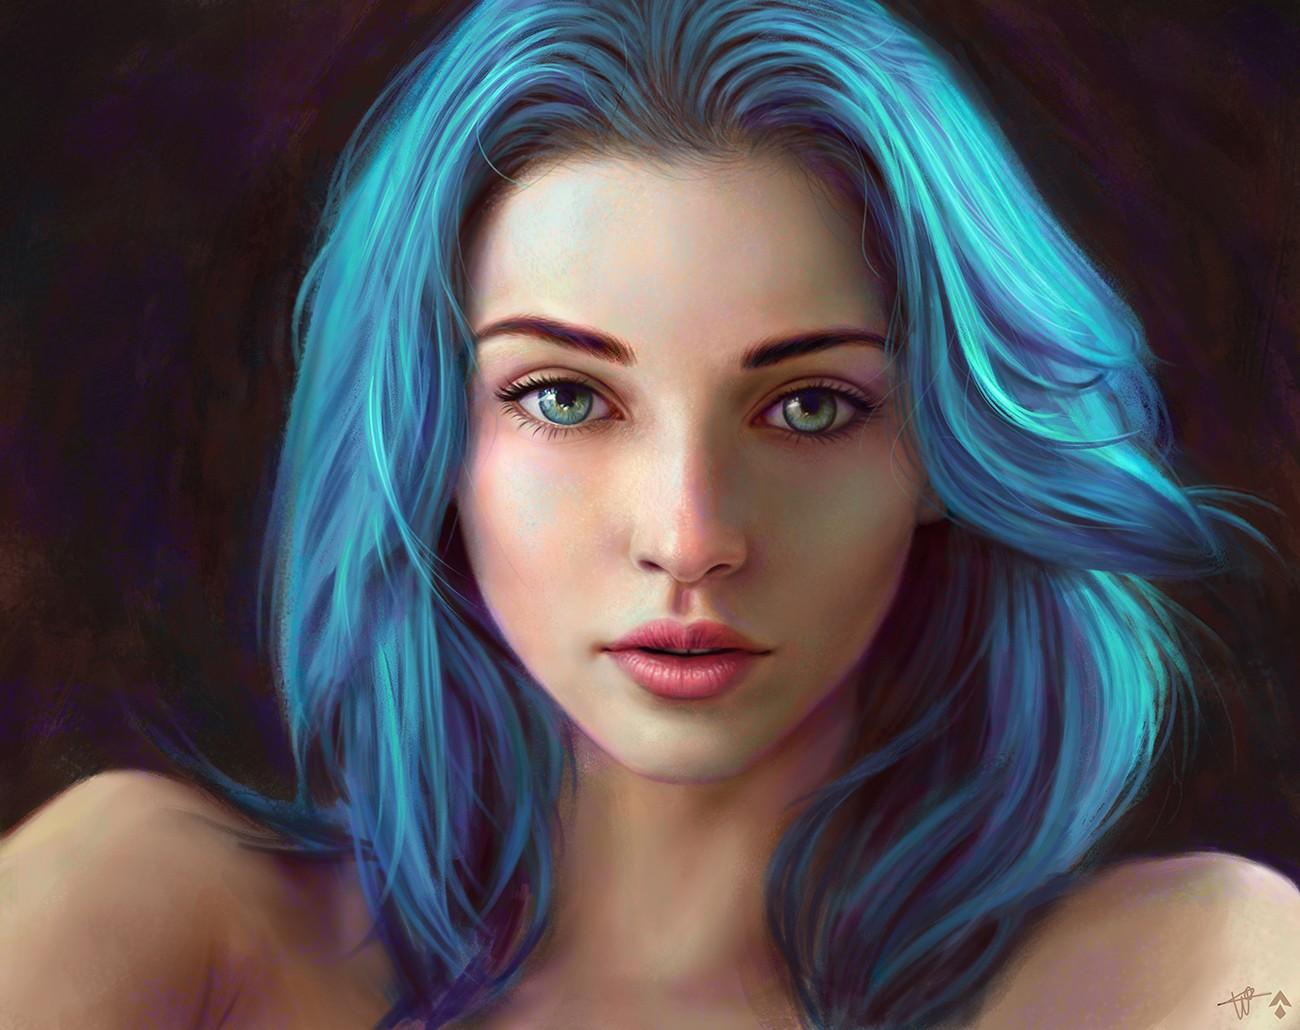 study-portrait-stylise8-only-s-5d39b699